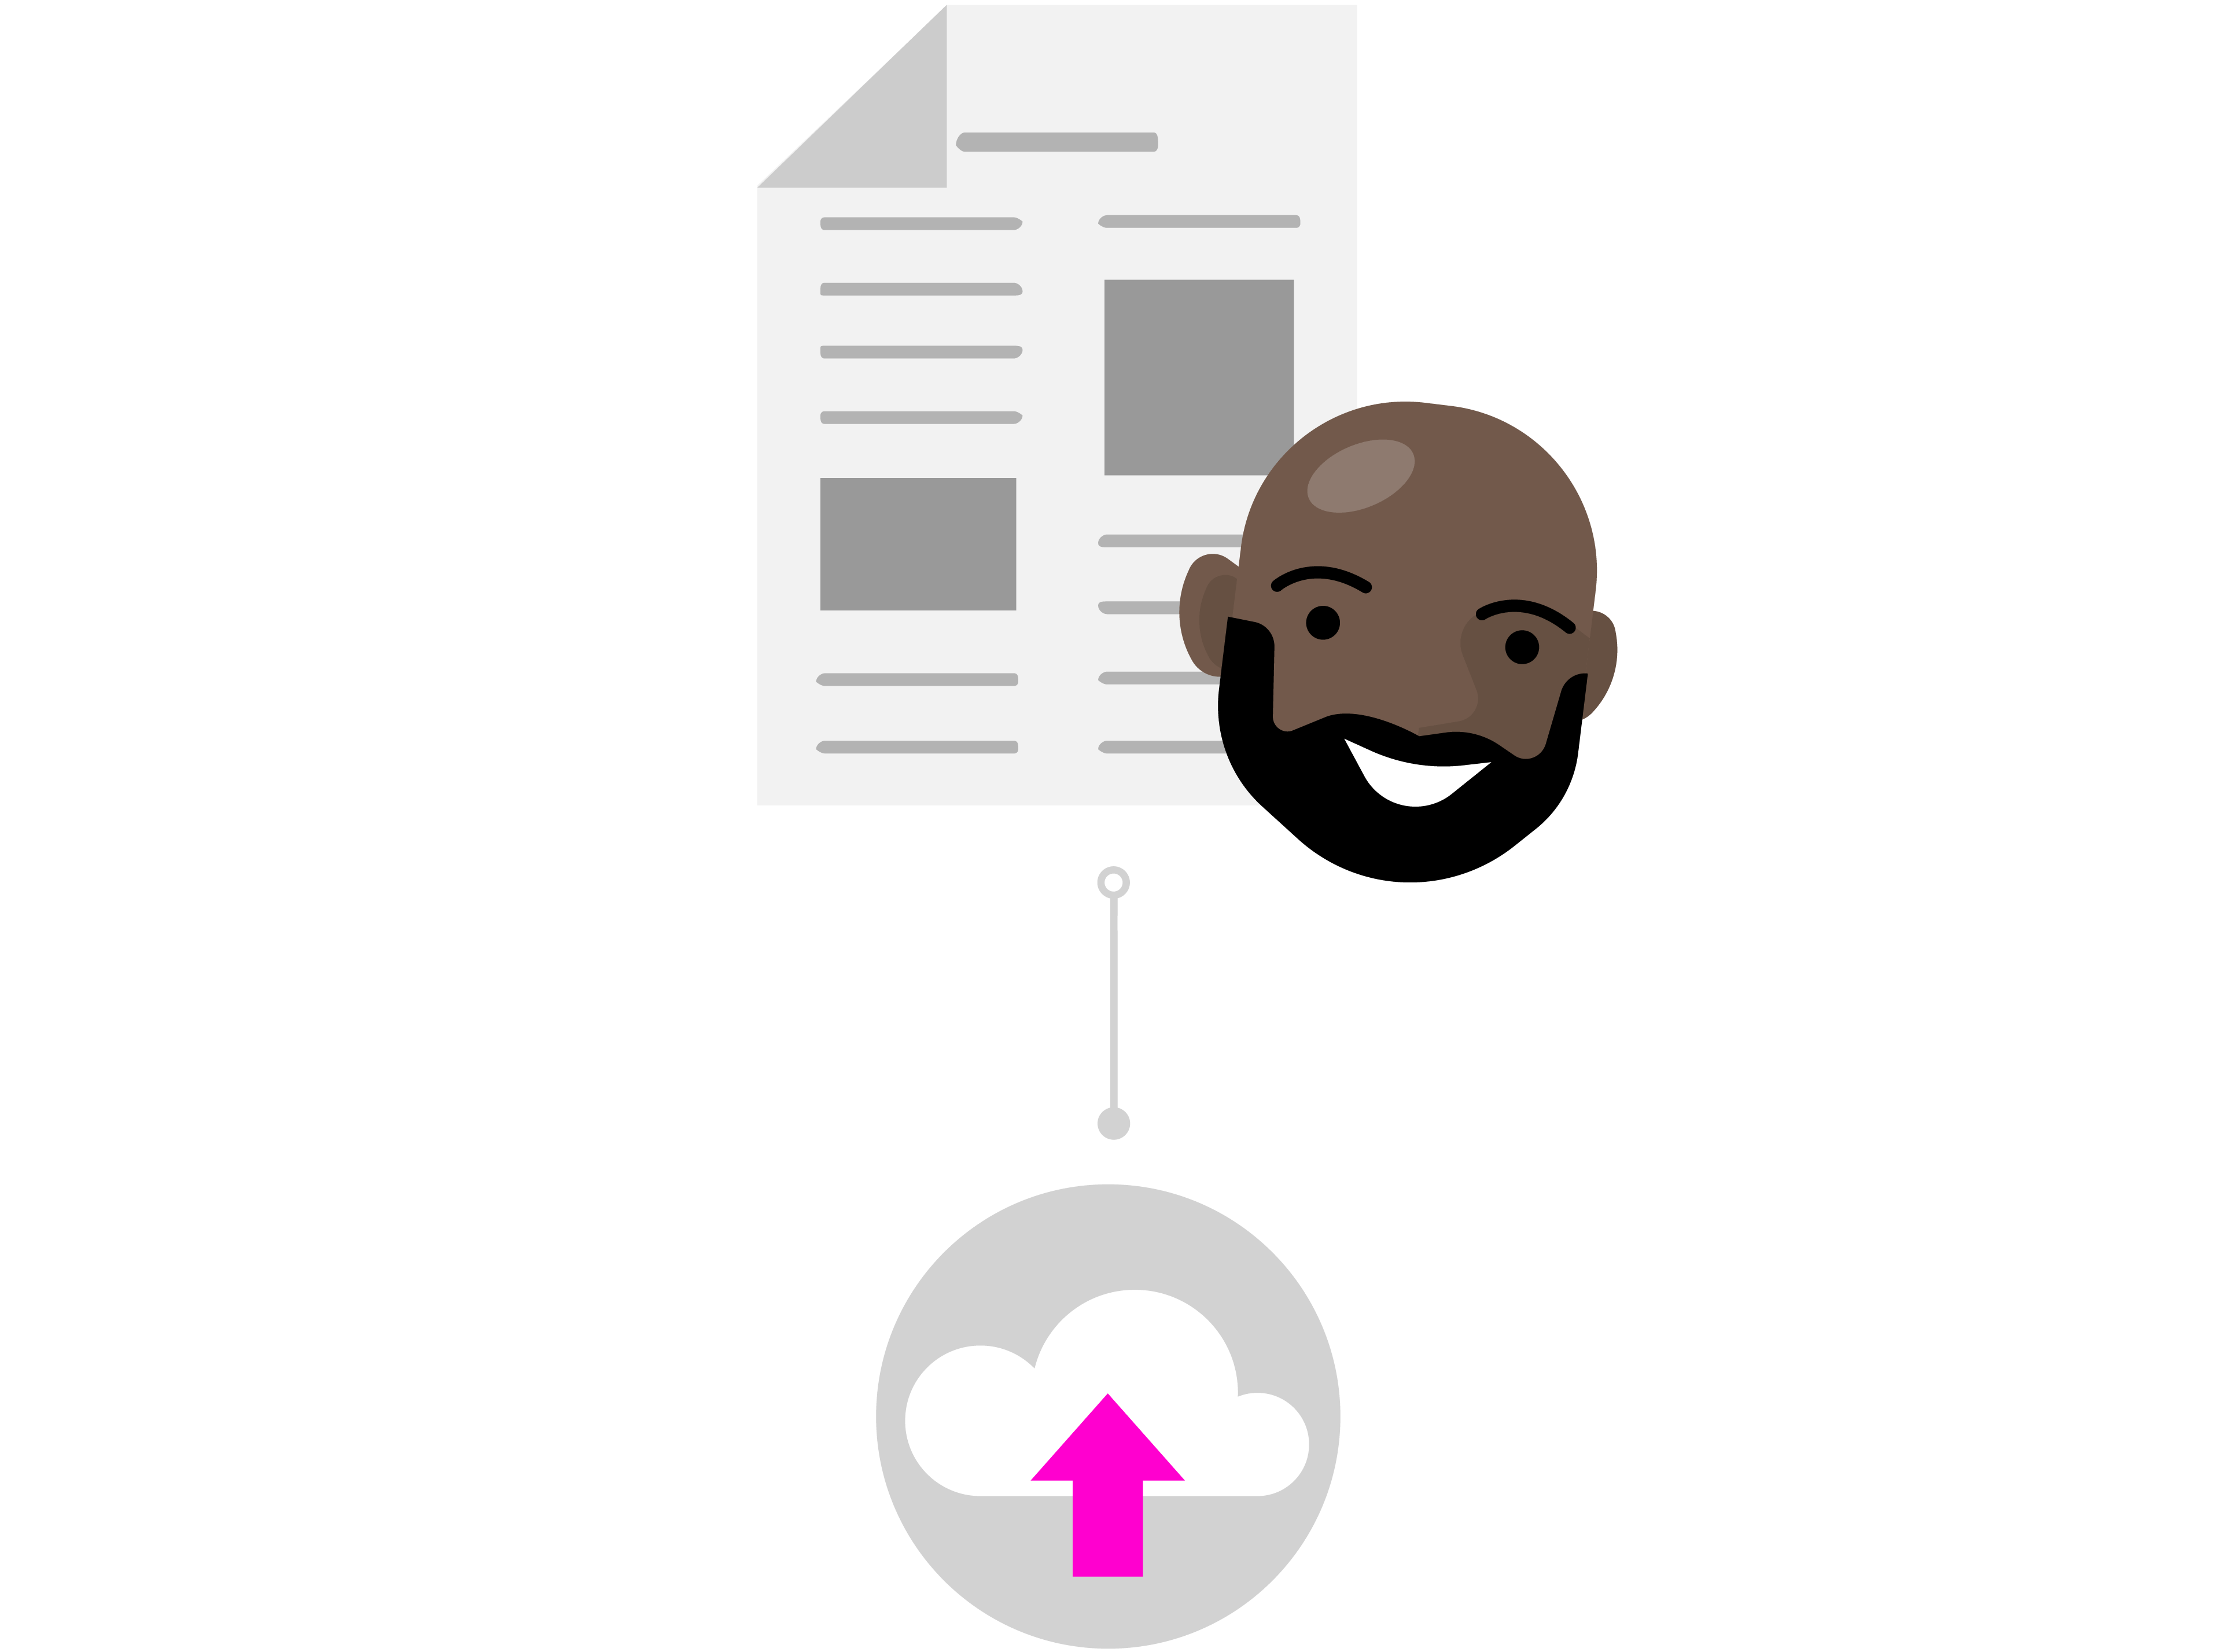 Надання спільного доступу до приватних зі службою OneDrive